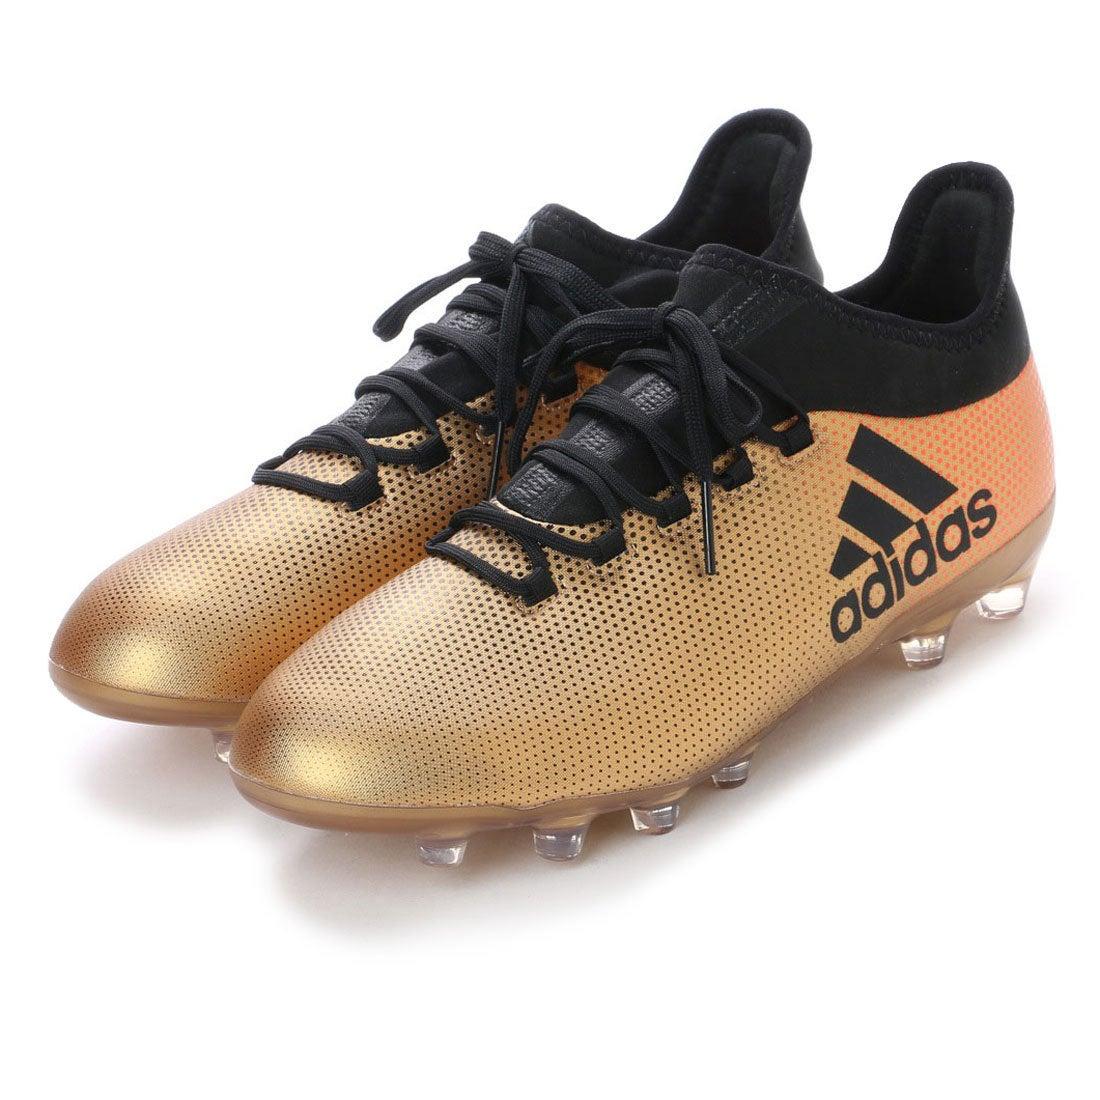 【SALE 35%OFF】アディダス adidas サッカー スパイクシューズ エックス 17.2-ジャパン HG CQ1990